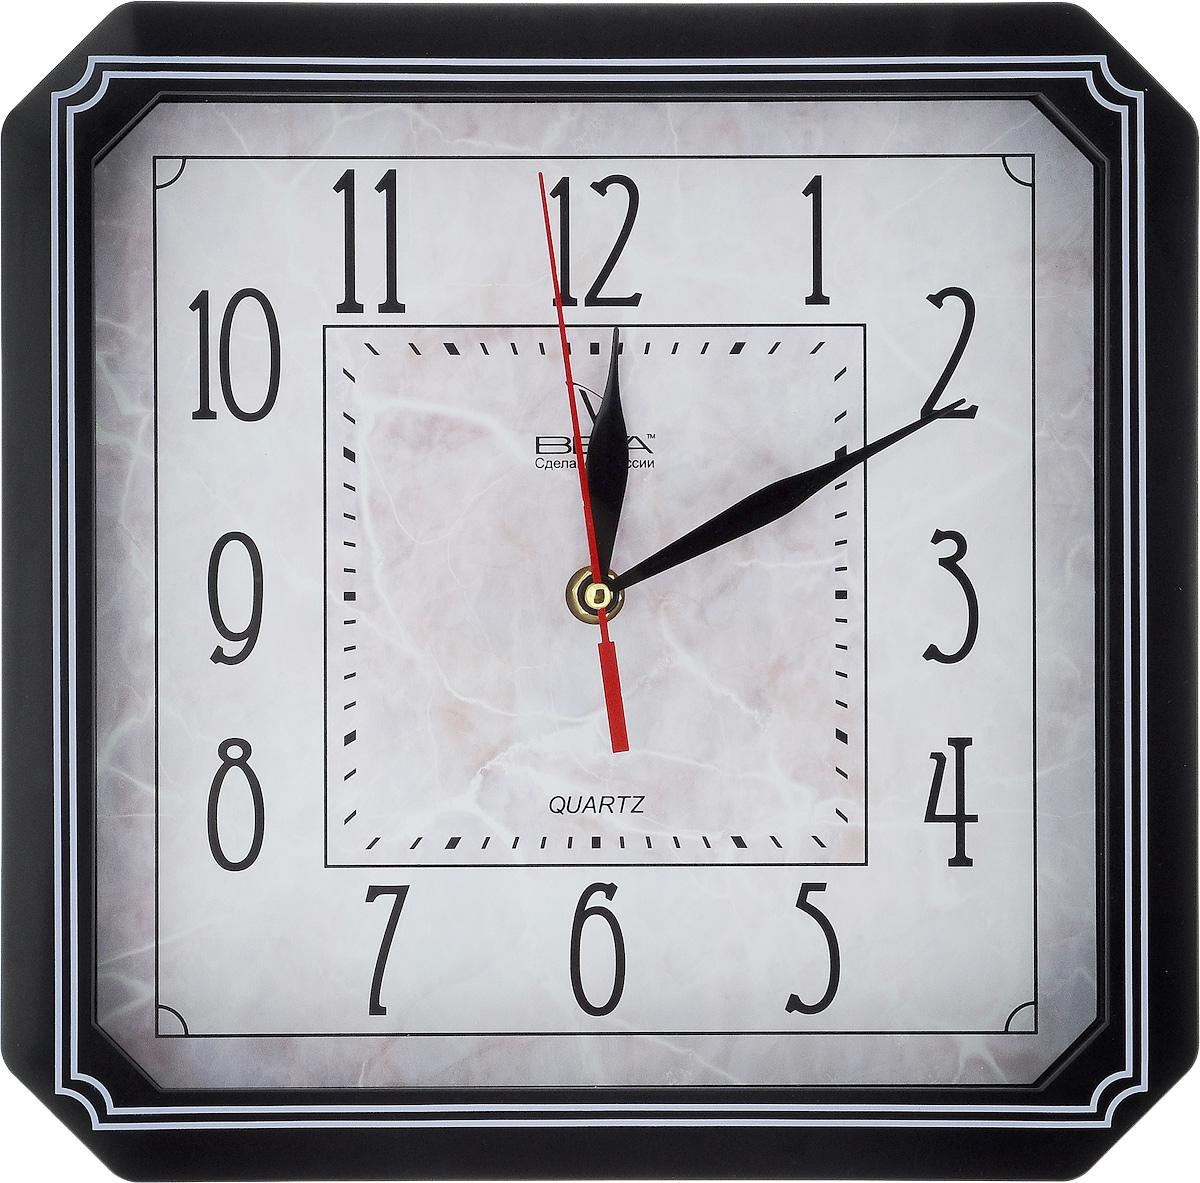 Часы настенные Вега Классика, 27,8 х 27,8 см. П4-61321П1-серебро/7-231Настенные кварцевые часы Вега Классика, изготовленные из пластика, прекрасно впишутся в интерьер вашего дома. Часы имеют три стрелки: часовую, минутную и секундную, циферблат защищен прозрачным стеклом. Часы работают от 1 батарейки типа АА напряжением 1,5 В (не входит в комплект).Прилагается инструкция по эксплуатации.